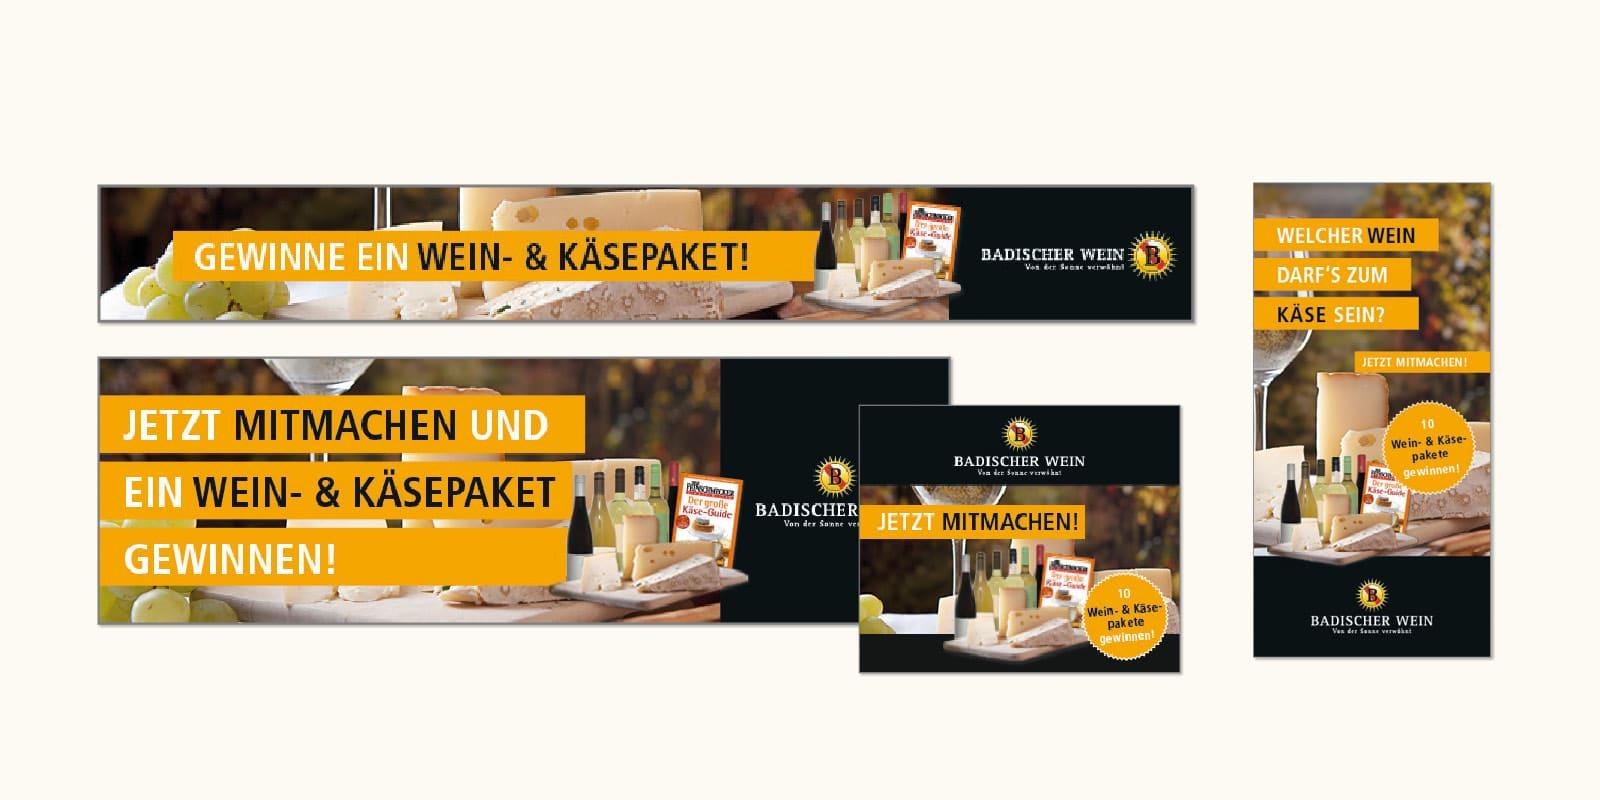 Badischer Wein – Online-Banner